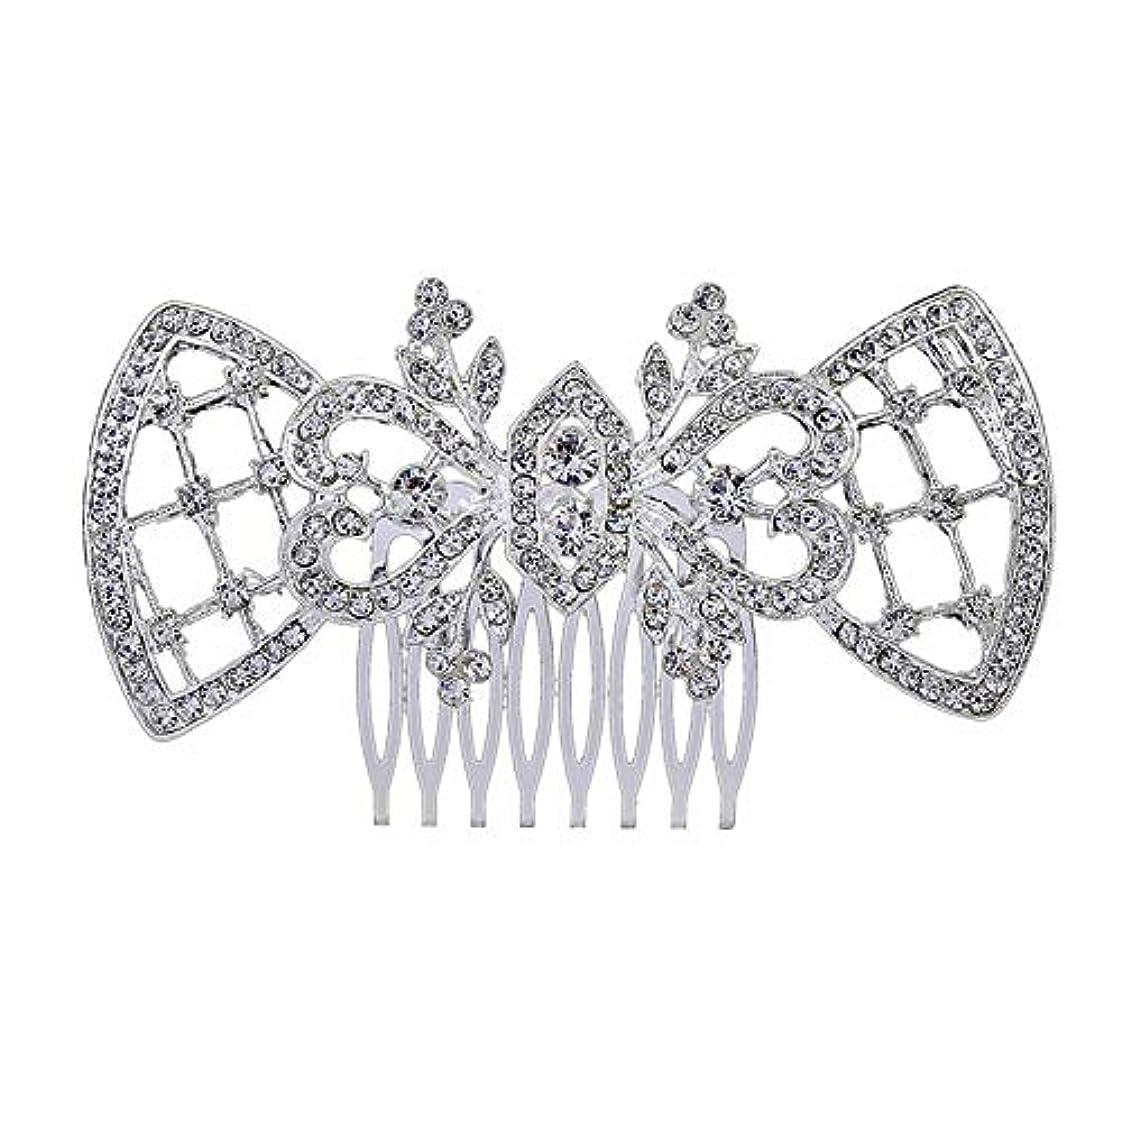 横答え服髪の櫛、櫛、ブライダル髪、髪の櫛、ハート形、ラインストーンの櫛、合金の帽子、結婚式のアクセサリー